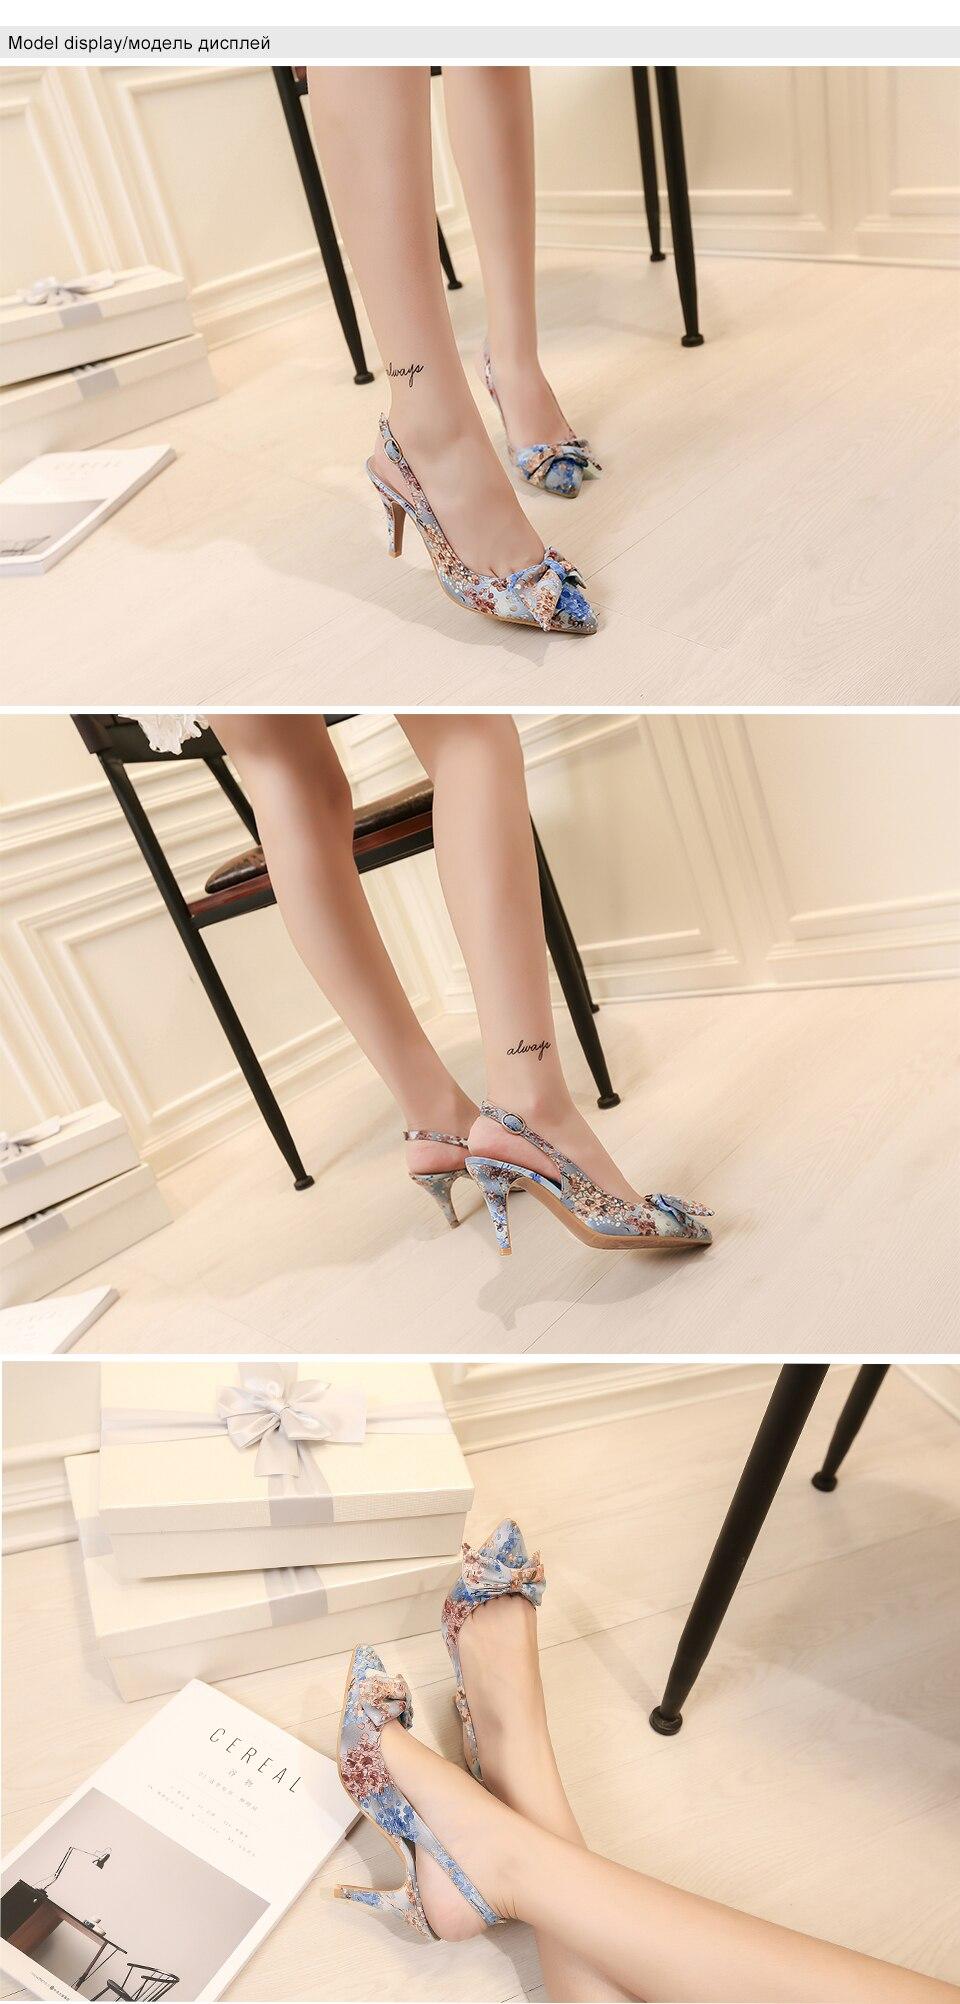 4 women shoes